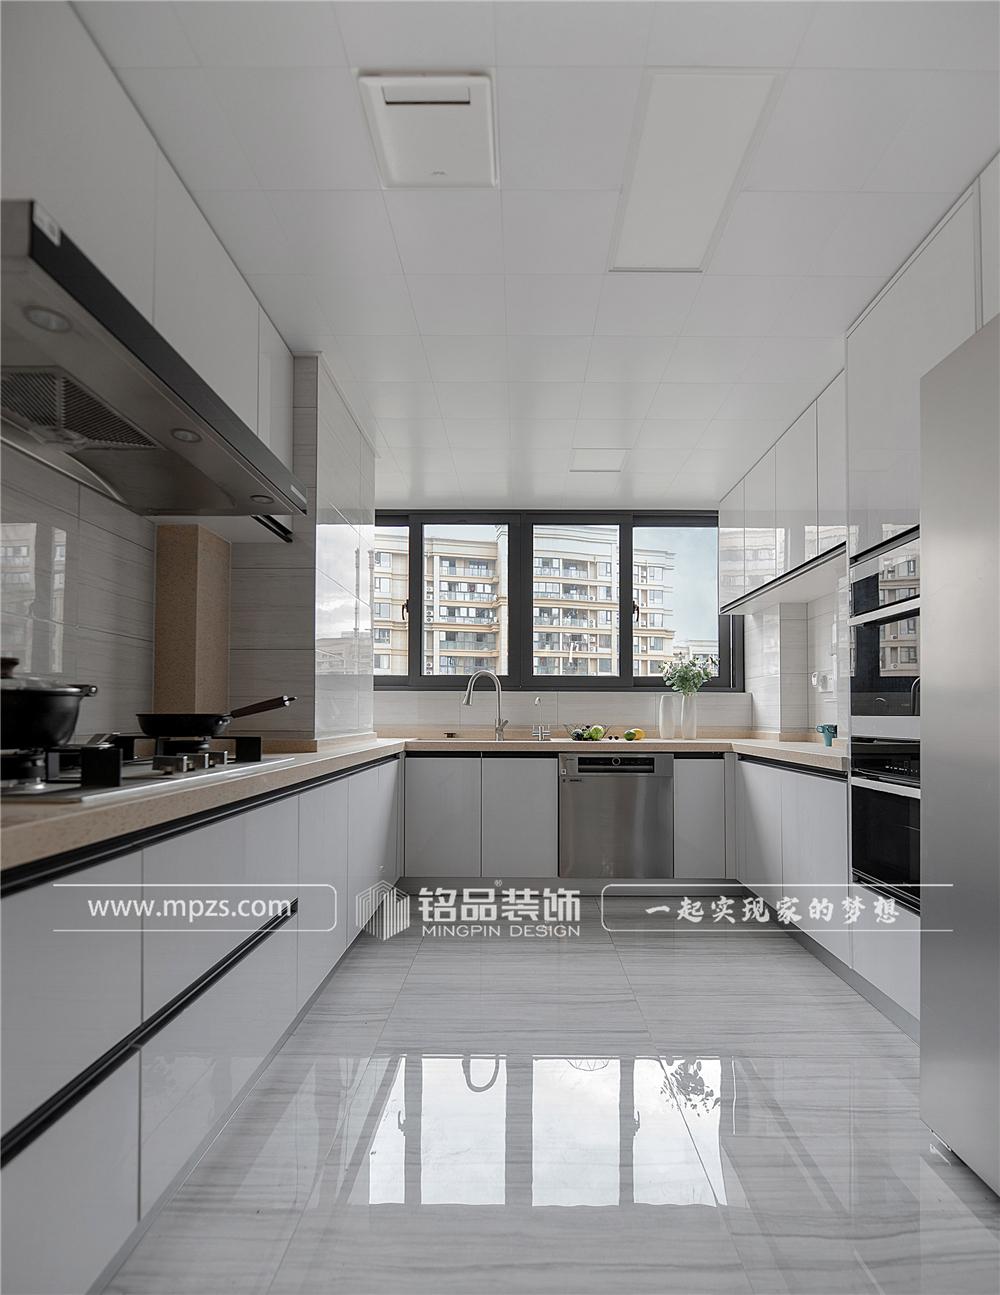 杭州140平方米北欧风格三室两厅公寓装修案例_效果图 (5)